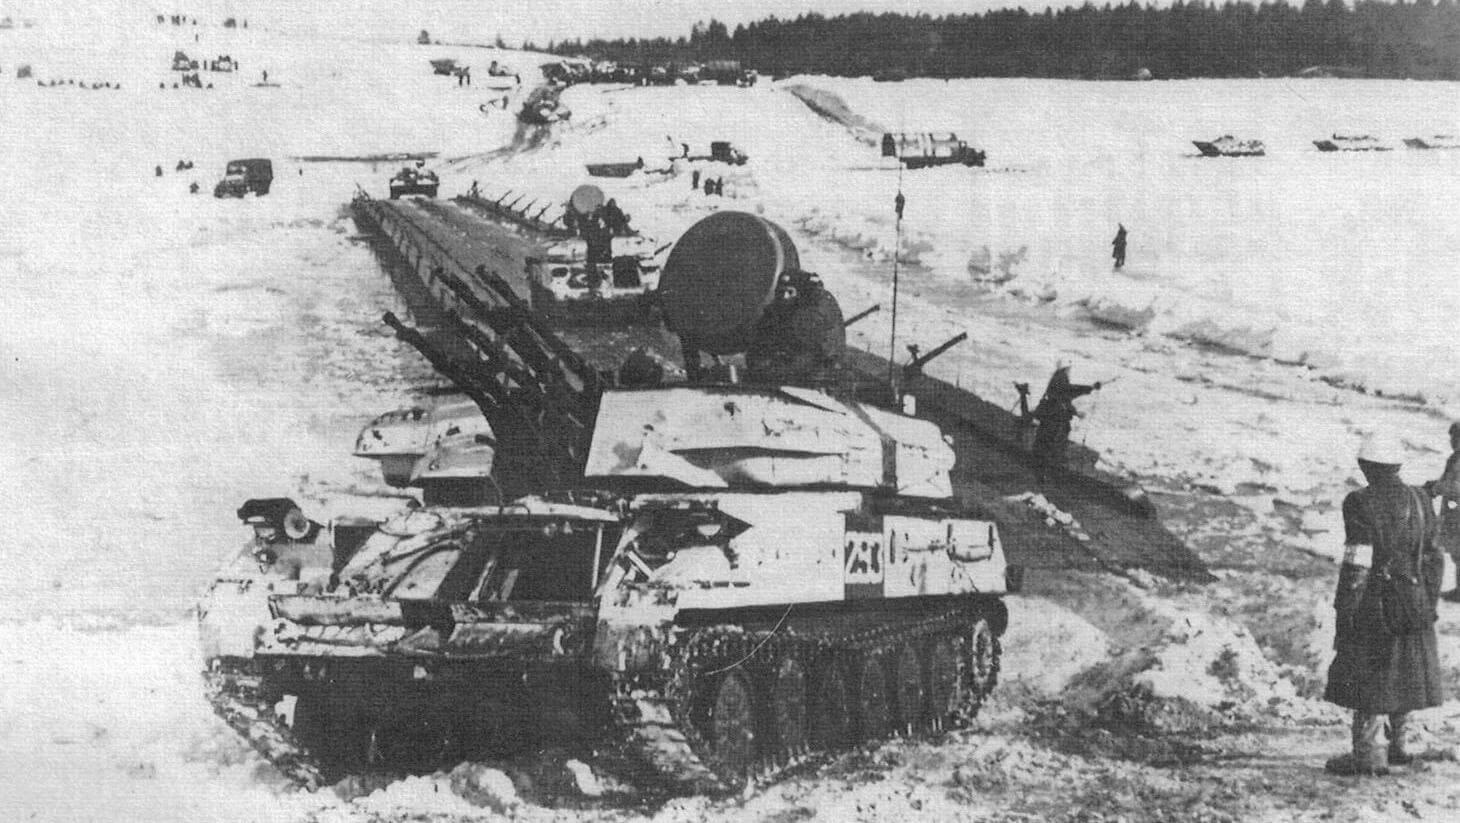 ЗСУ-23-4В1 в составе колонны бронетанковой техники форсируют водную преграду по понтонному мосту. Учения «Двина», 1970 год